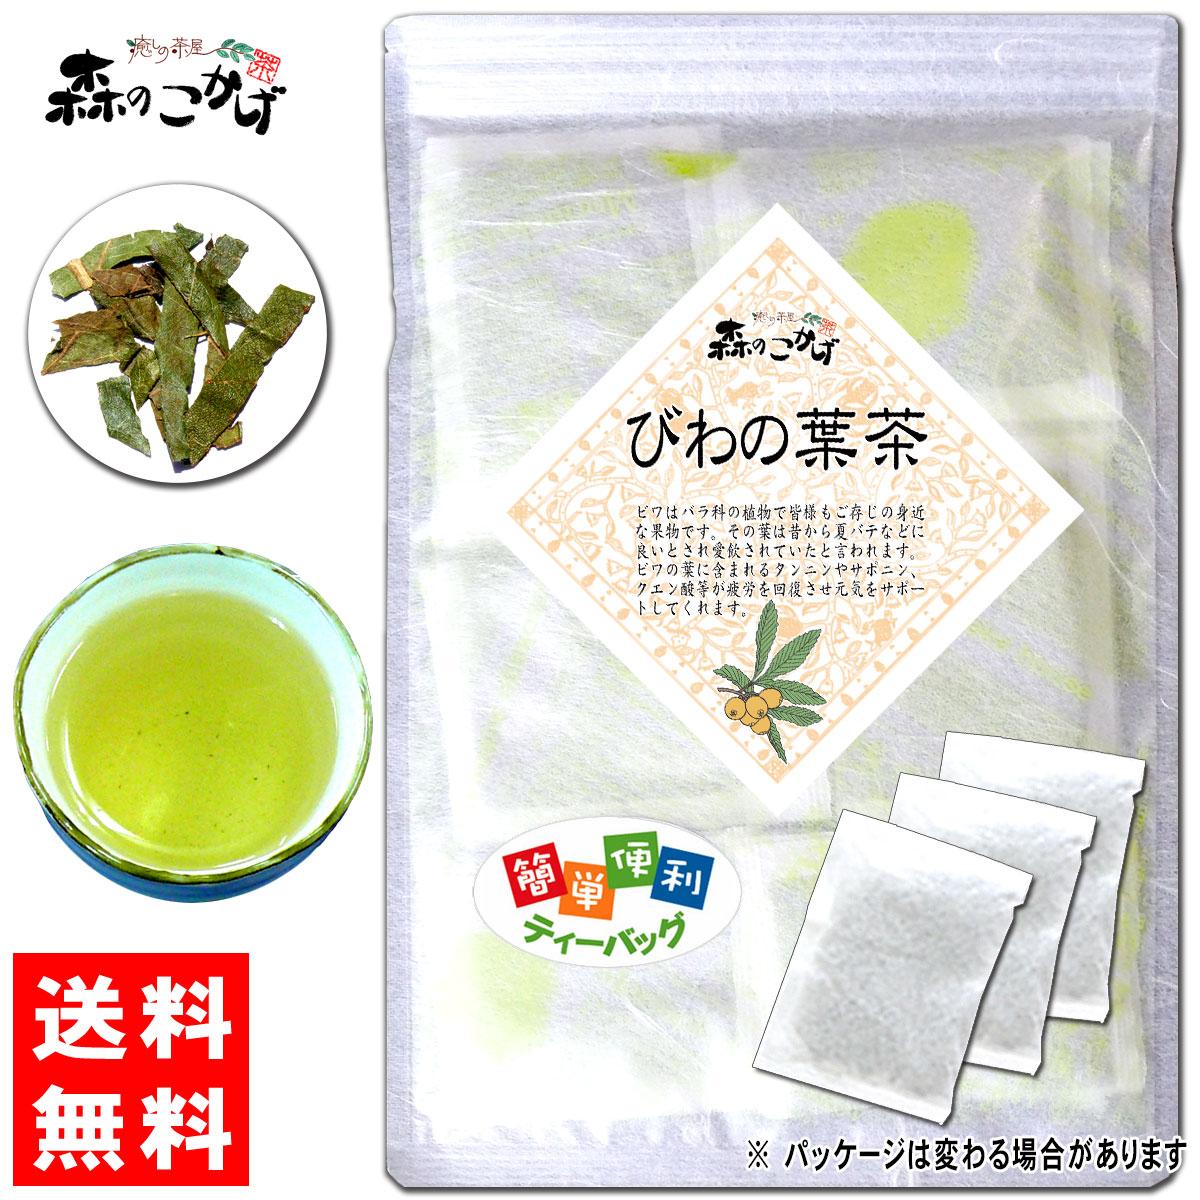 びわ茶 3g×45p 枇杷茶 6 送料無料 ティーバッグ 人気ブランド多数対象 びわの葉 希望者のみラッピング無料 びわ葉 ティーパック 健やかハウス 健康茶 びわちゃ ビワ葉 ビワの葉 森のこかげ